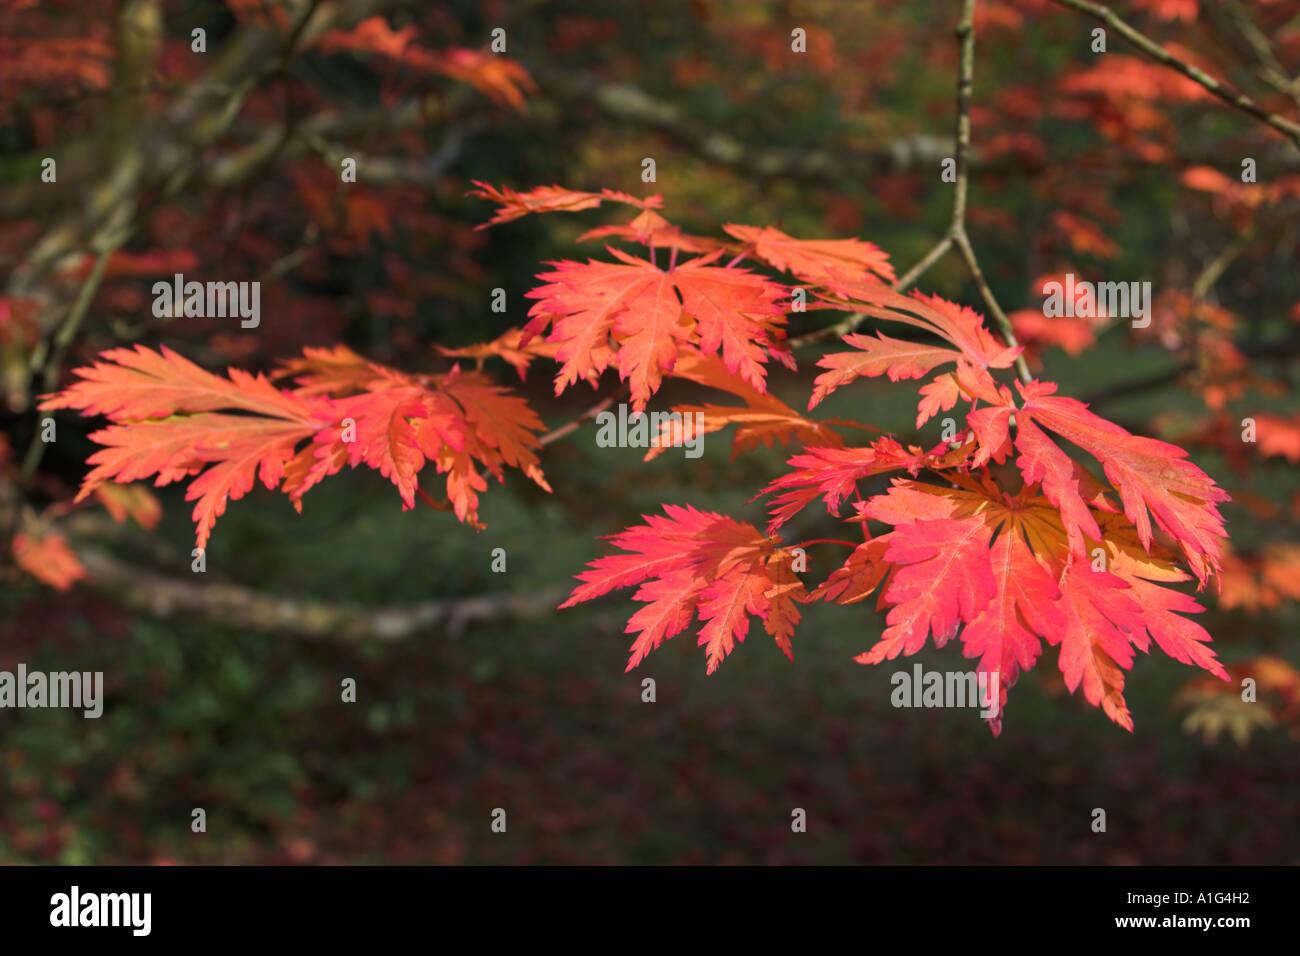 Acer palmatum var dissectum Palmatifidum  Group of leaves in